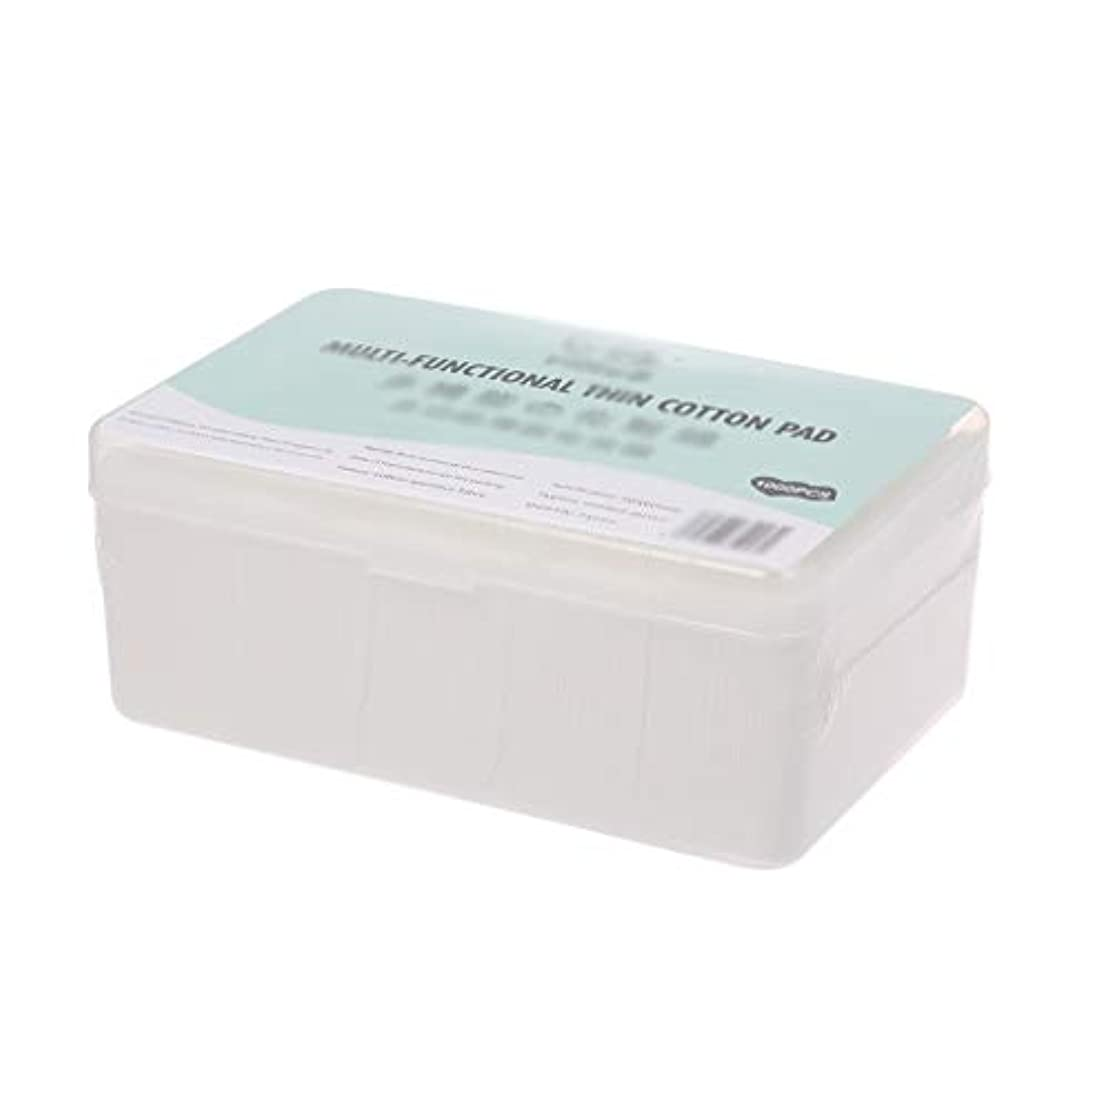 周りタクトマザーランドクレンジングシート 1000ピース箱入り使い捨て超薄型コットンメイク落としネイルポリッシュリムーバークレンジングティッシュペーパーペーパー (Color : White, サイズ : 5*6cm)